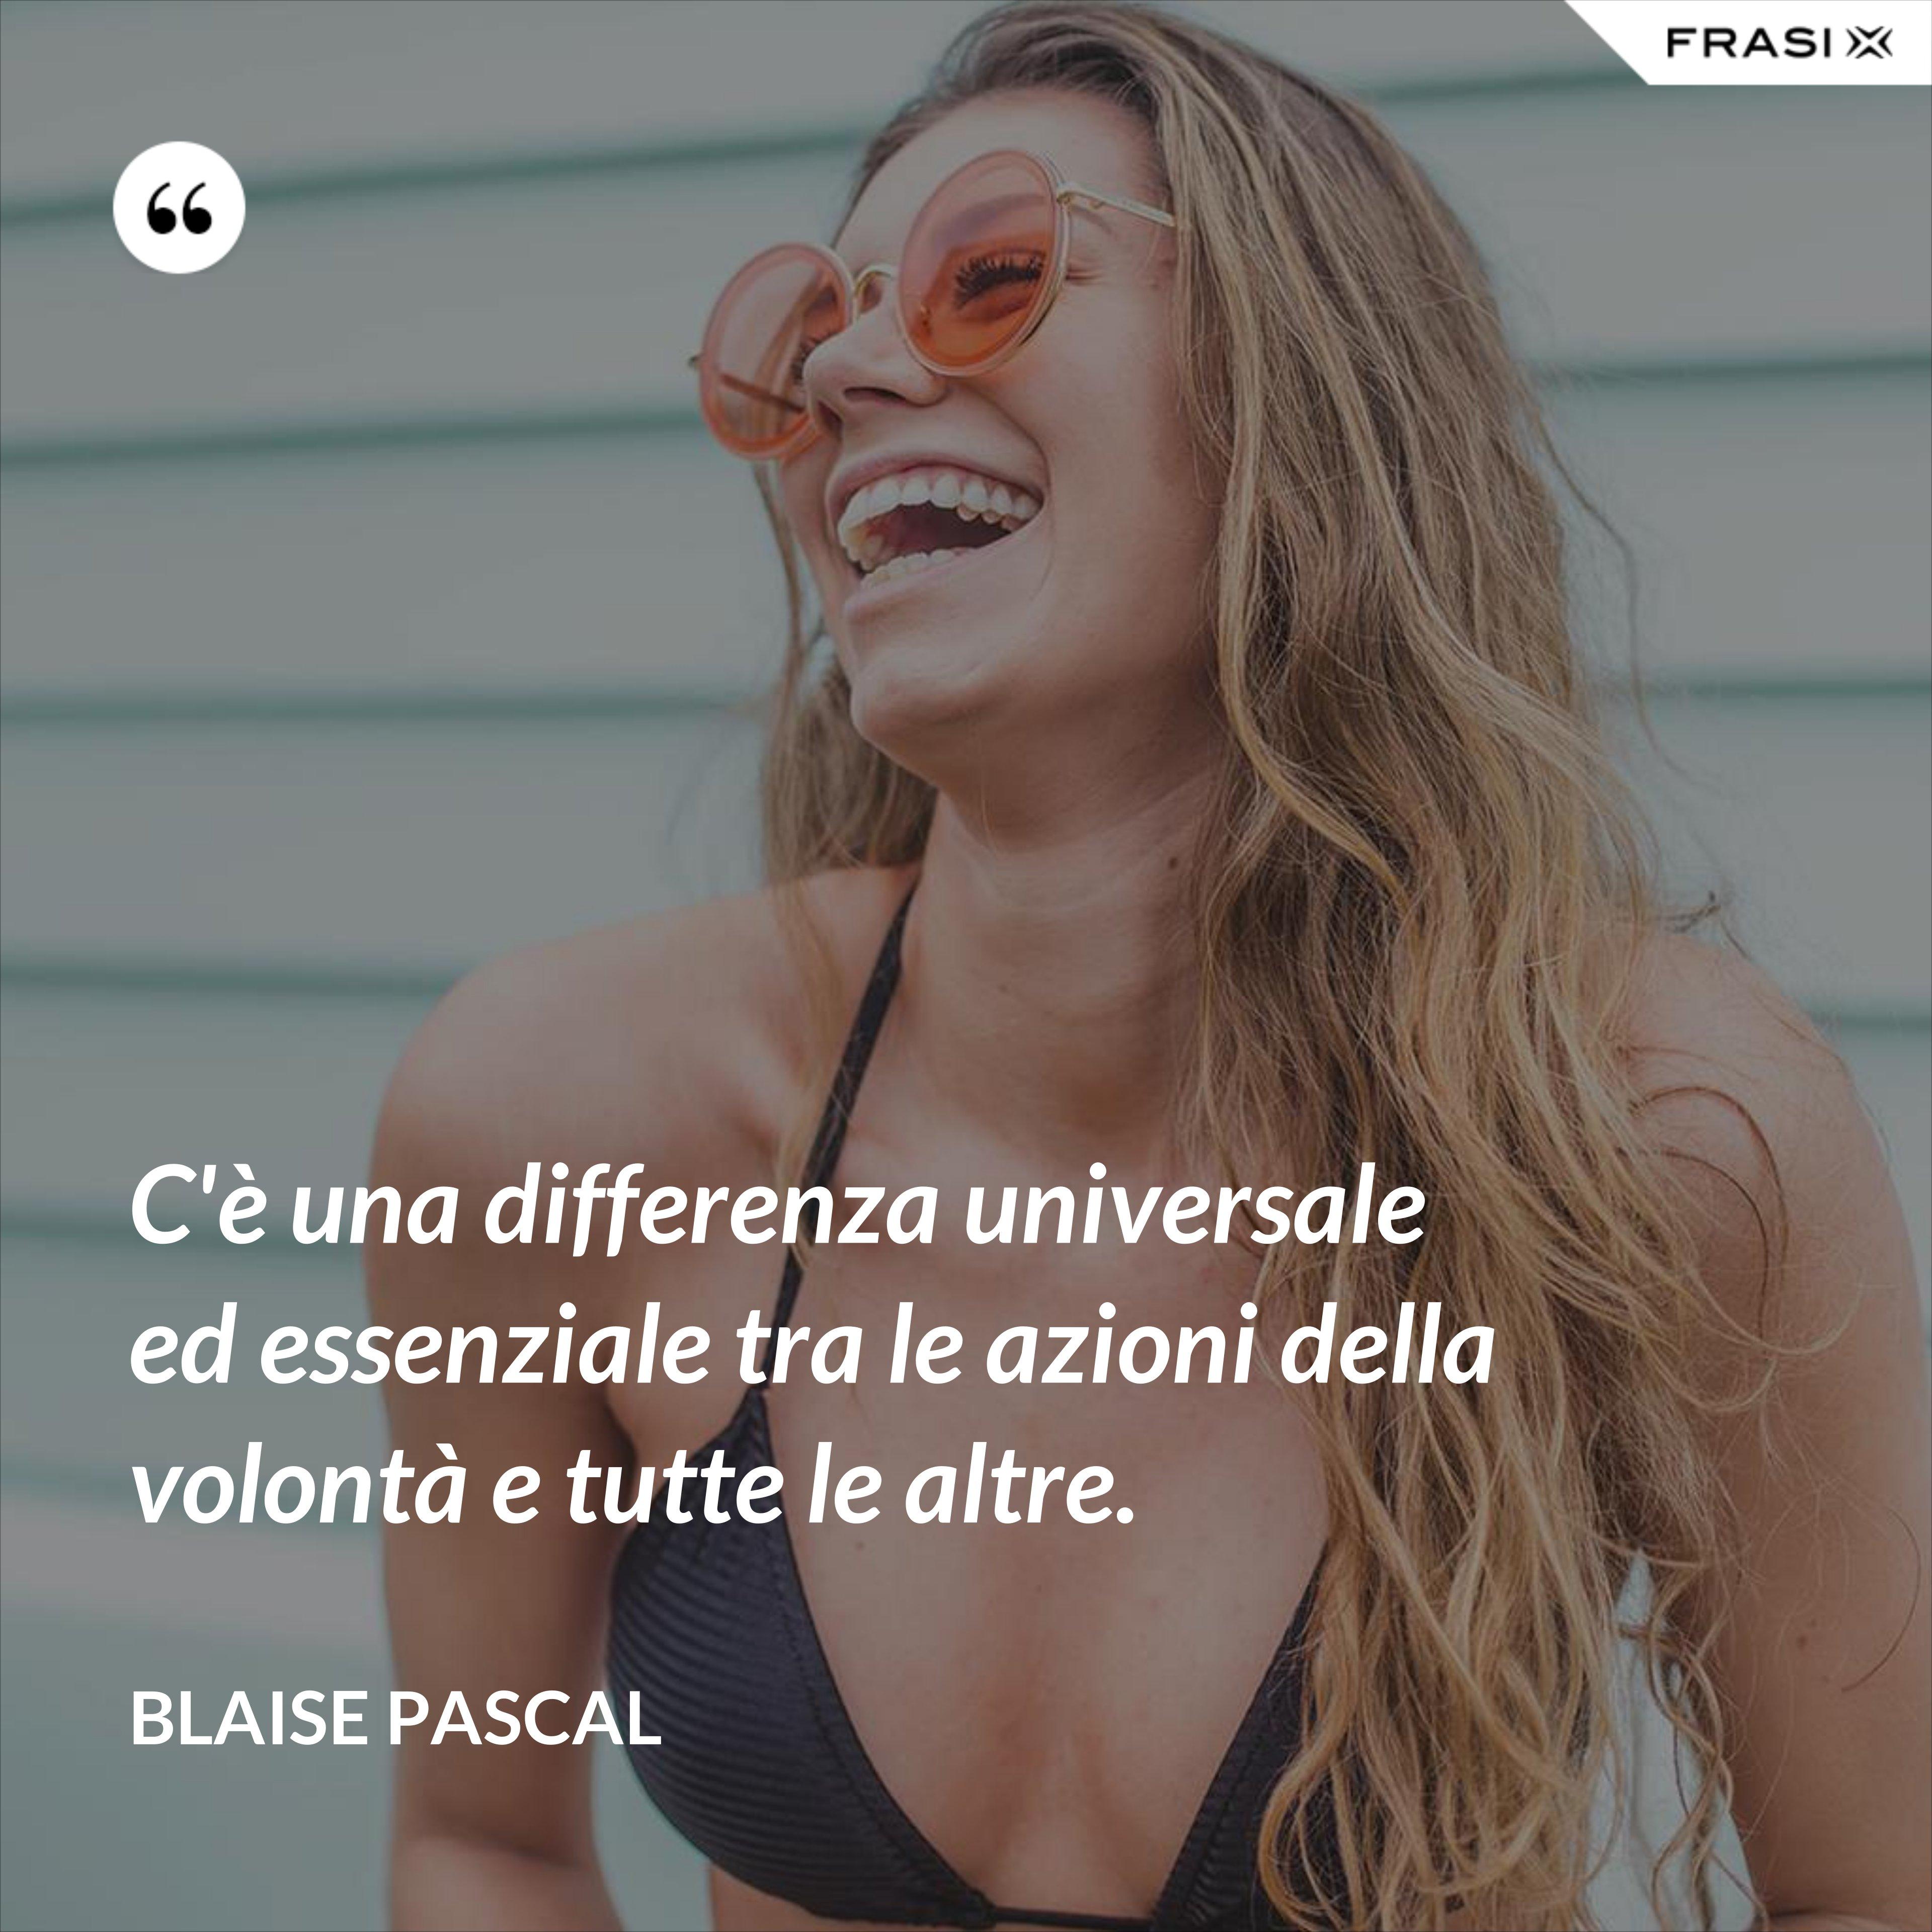 C'è una differenza universale ed essenziale tra le azioni della volontà e tutte le altre. - Blaise Pascal